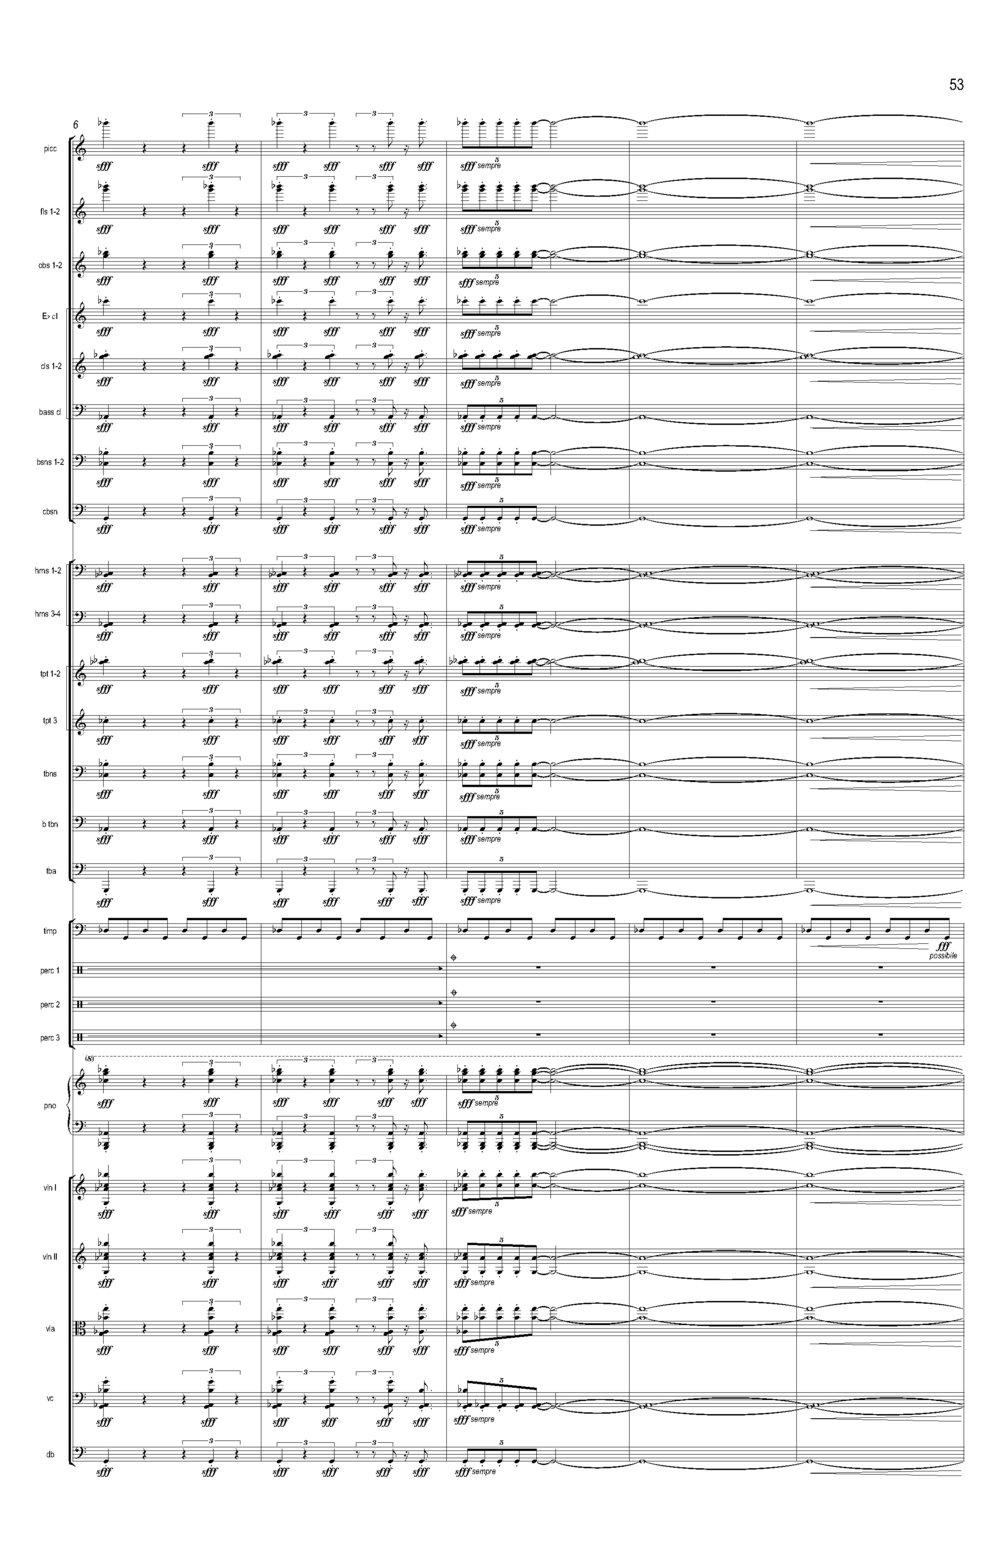 Ciach_Collective Uncommon REVISED_Full Score (Feb 2017)_Seite_59.jpg